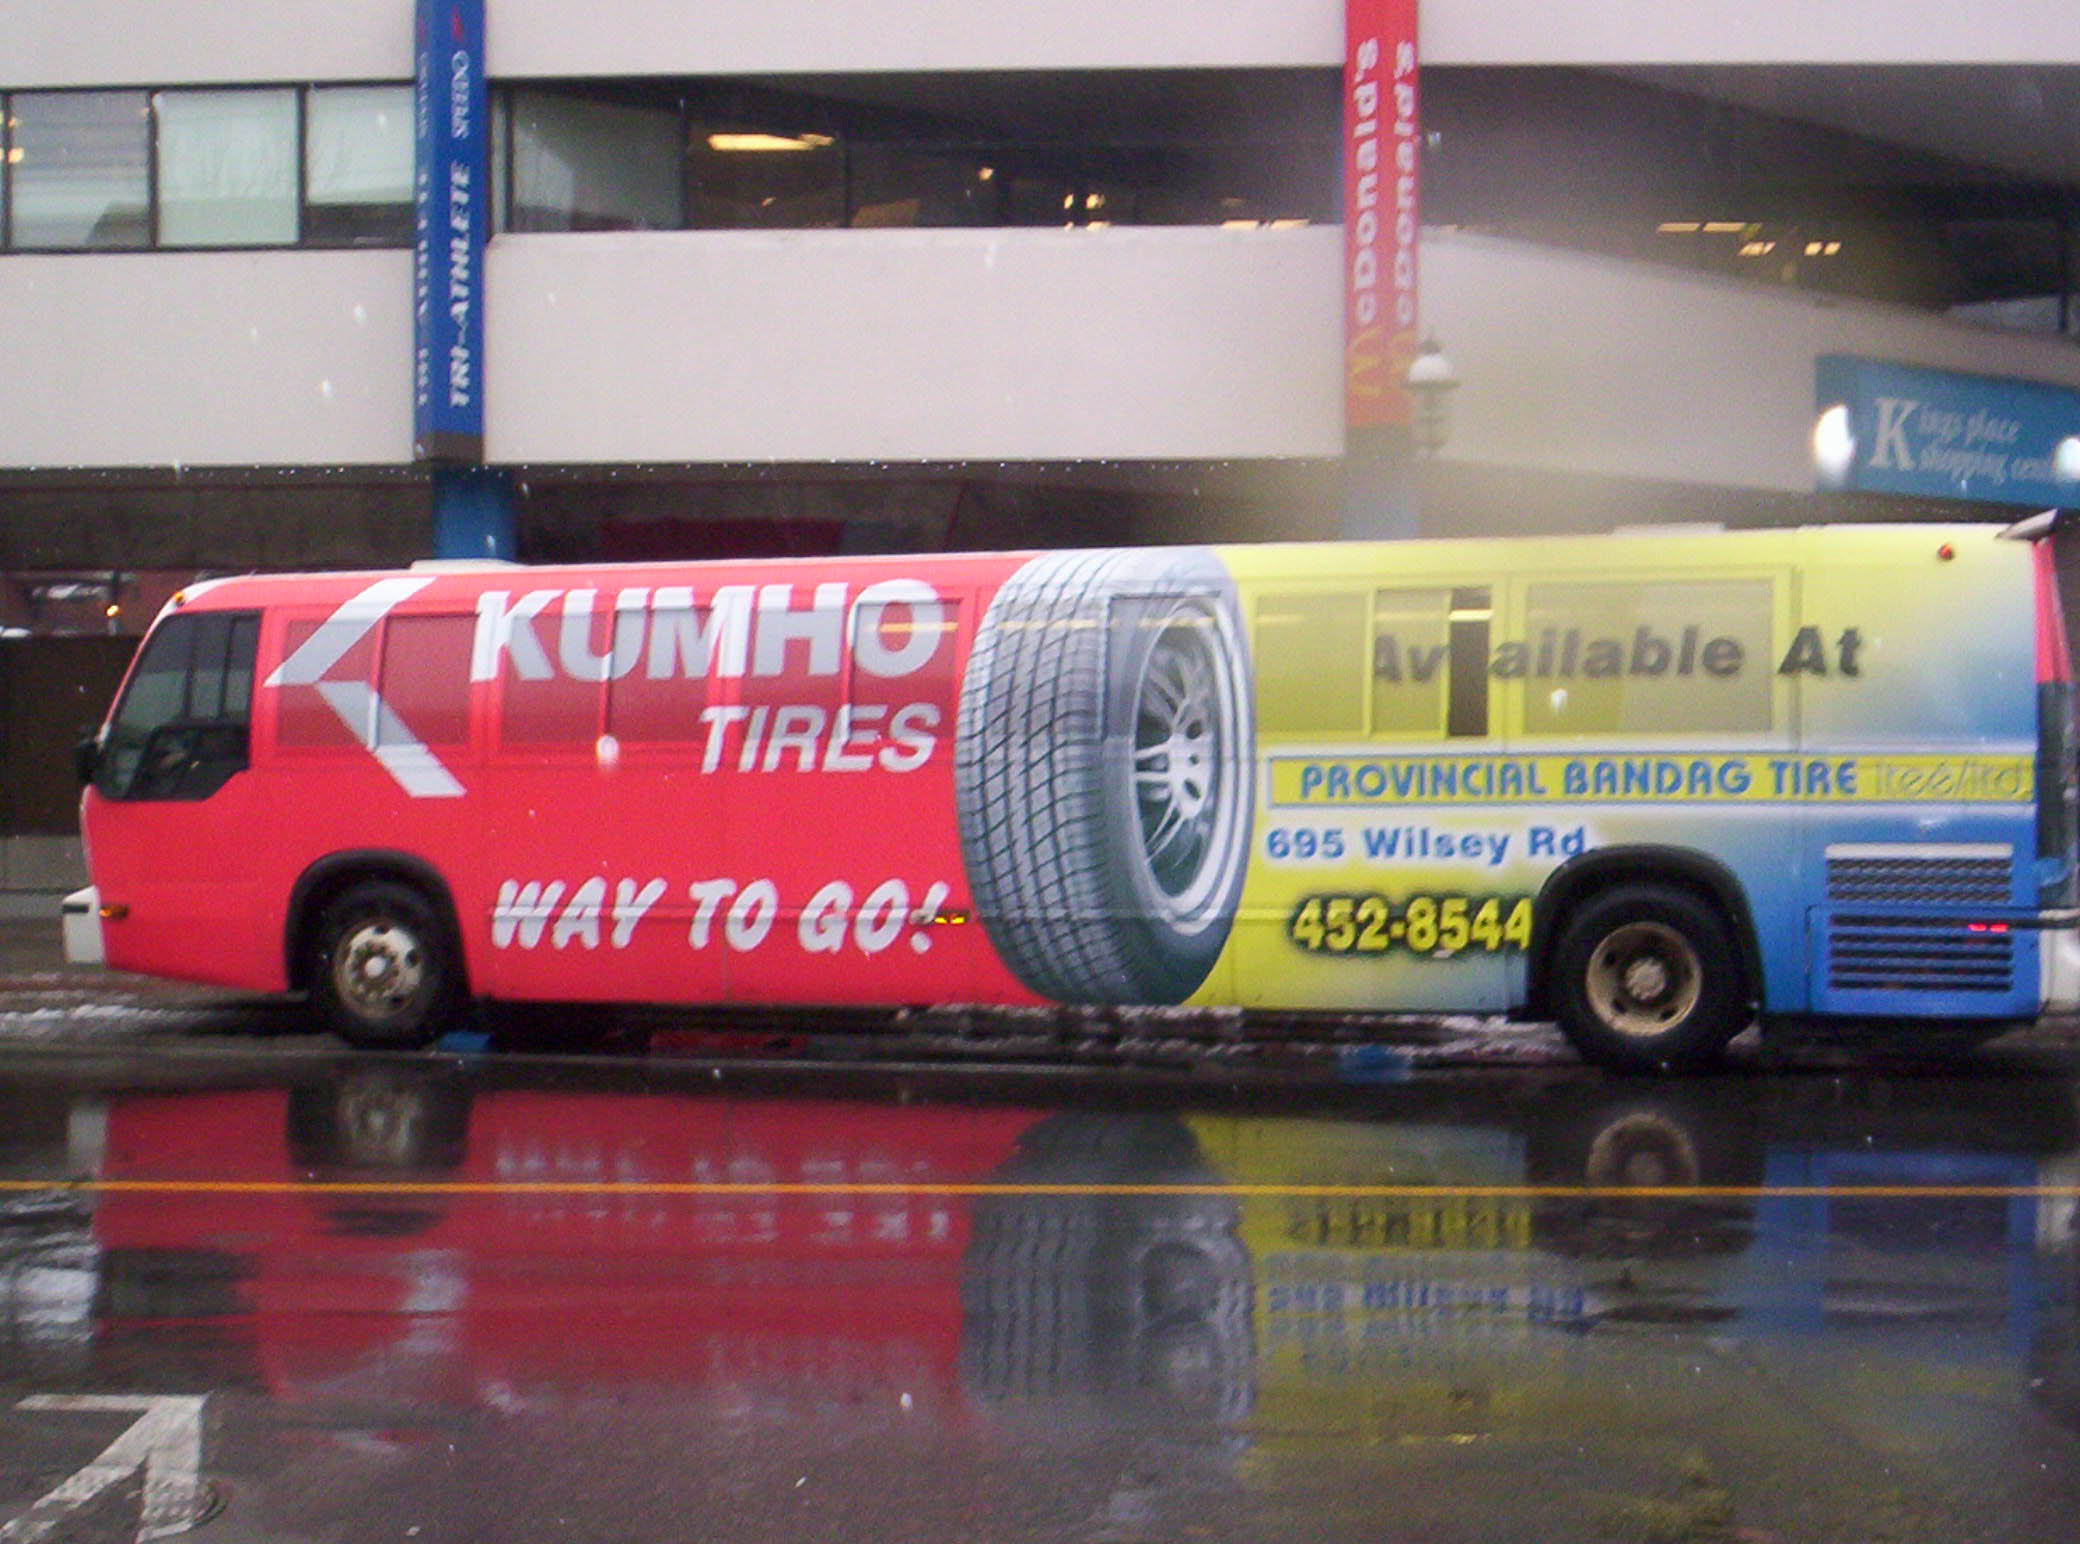 Bus Mural.jpg